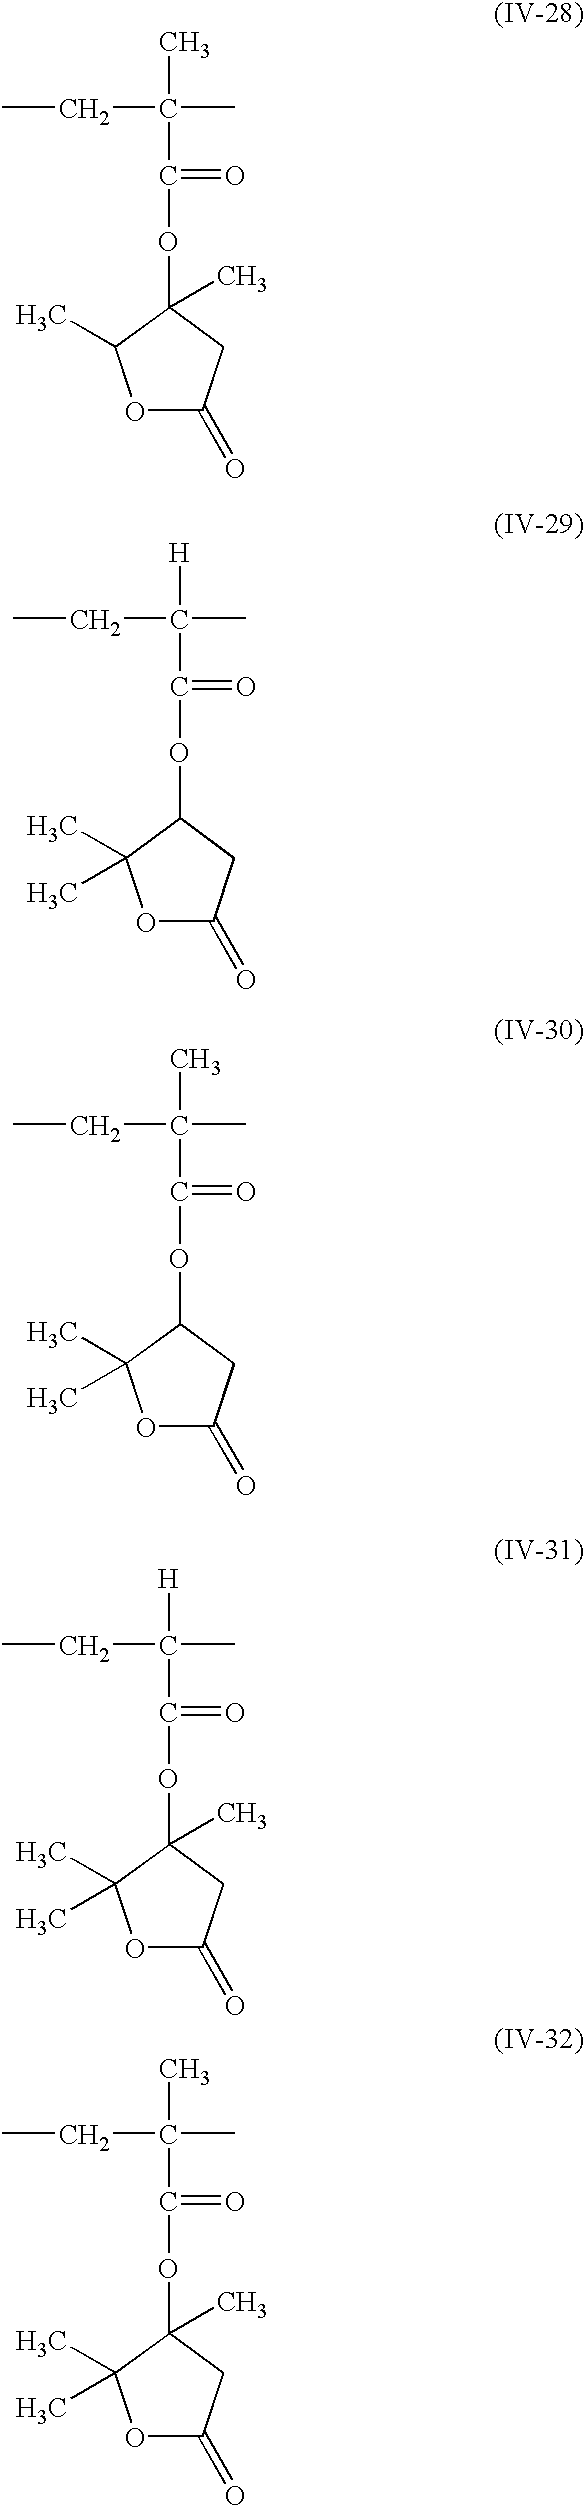 Figure US20030186161A1-20031002-C00095